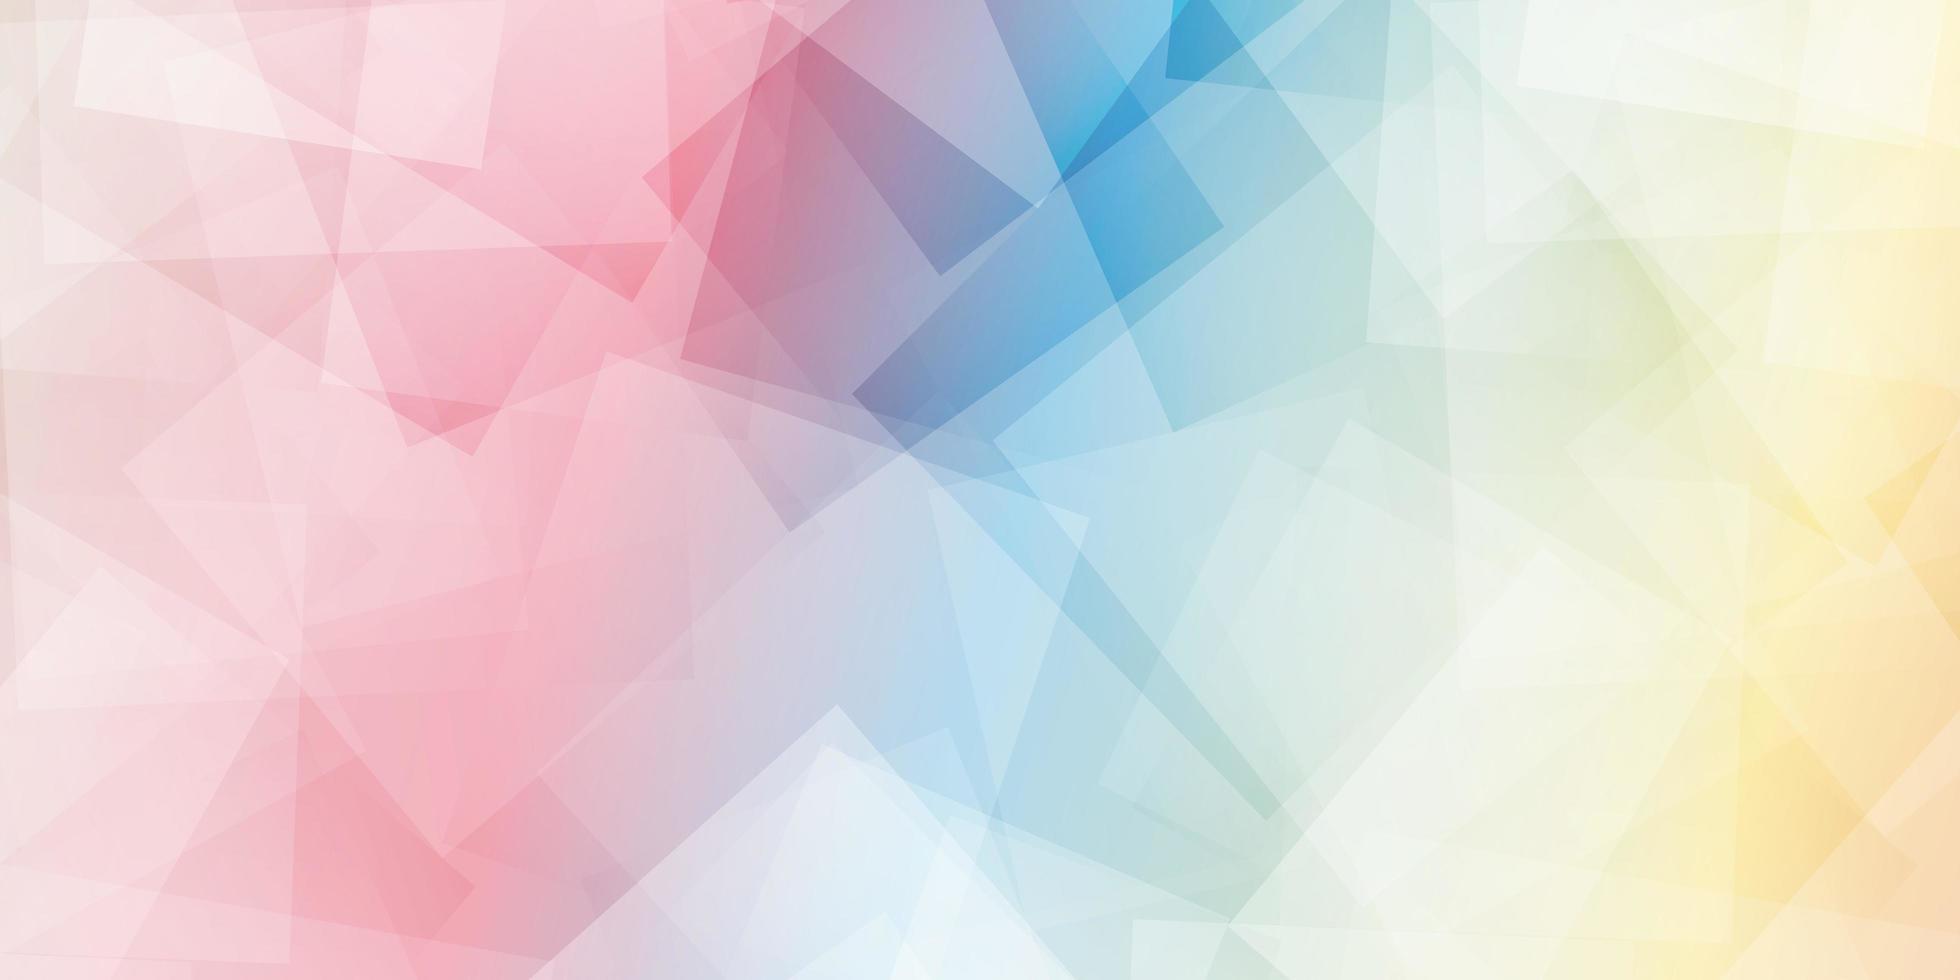 forma geométrica de fondo abstracto poligonal vector